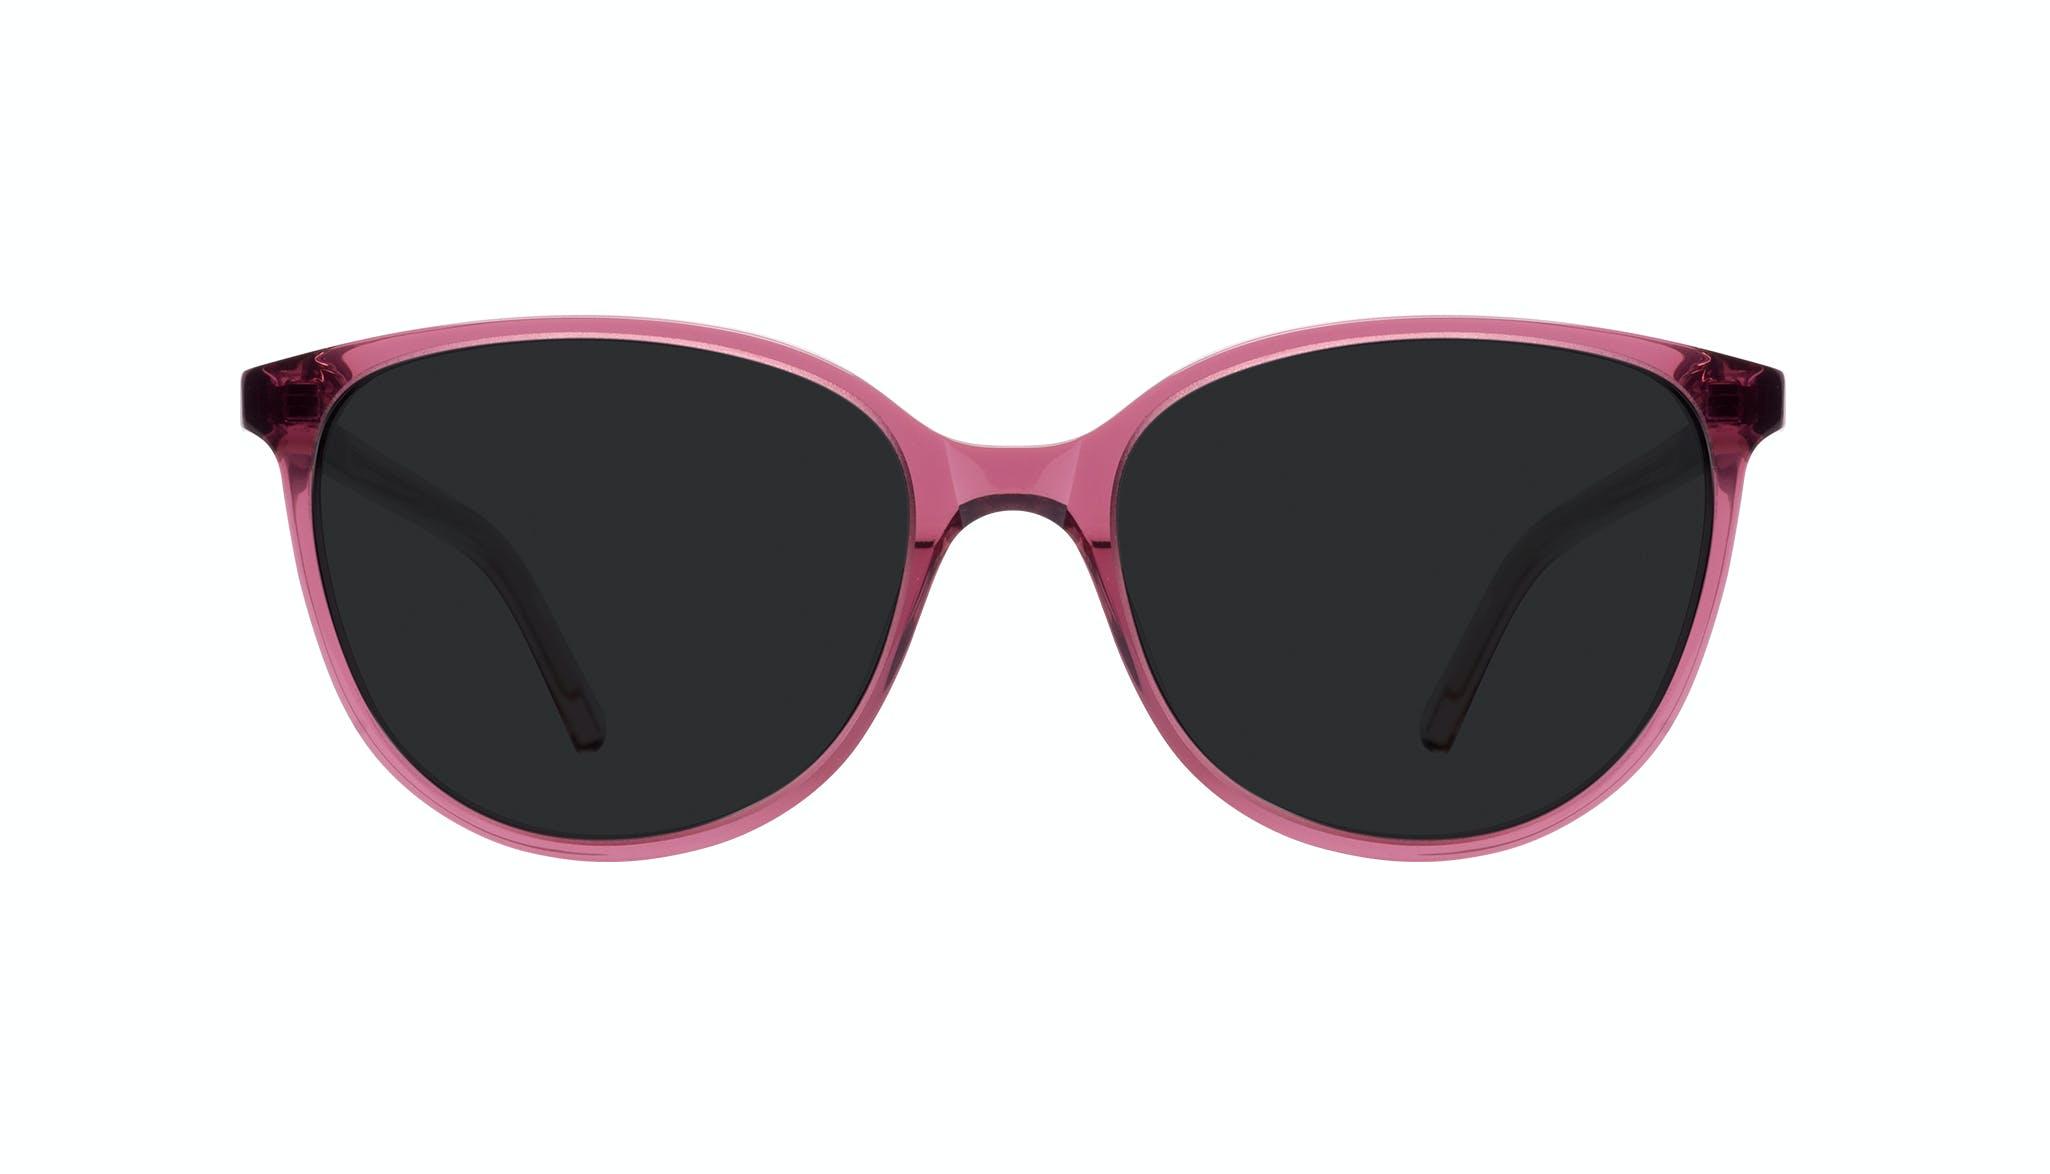 Lunettes tendance Oeil de chat Lunettes de soleil Femmes Imagine Petite Berry